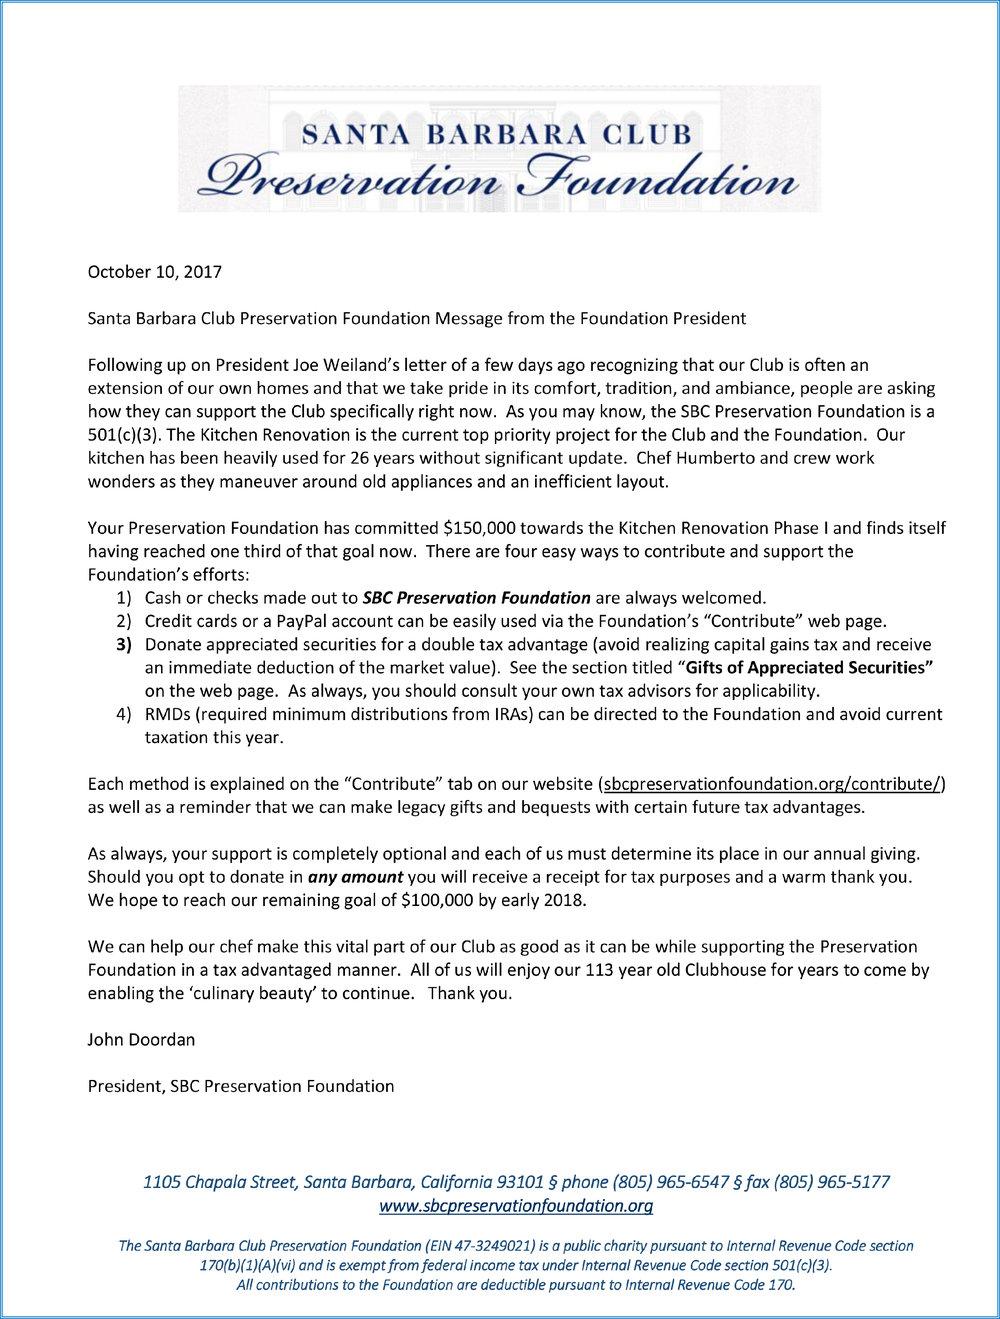 SBCPF Message from Foundation President John Doordan October 2017.jpg